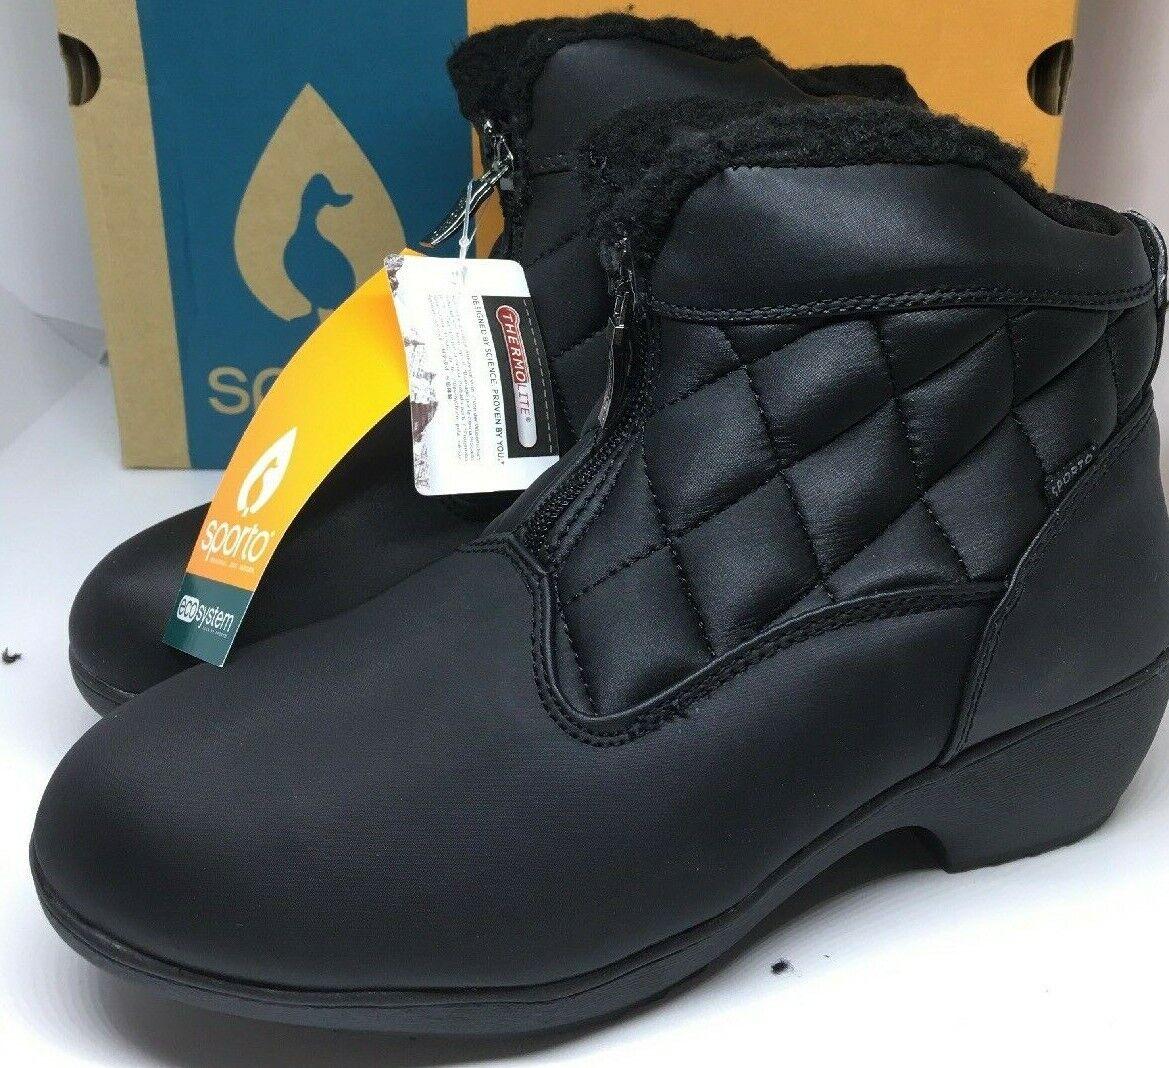 Snow Boots Women's Size 7 Sporto Zelda Waterproof Rain Winter Boots NWT In Box